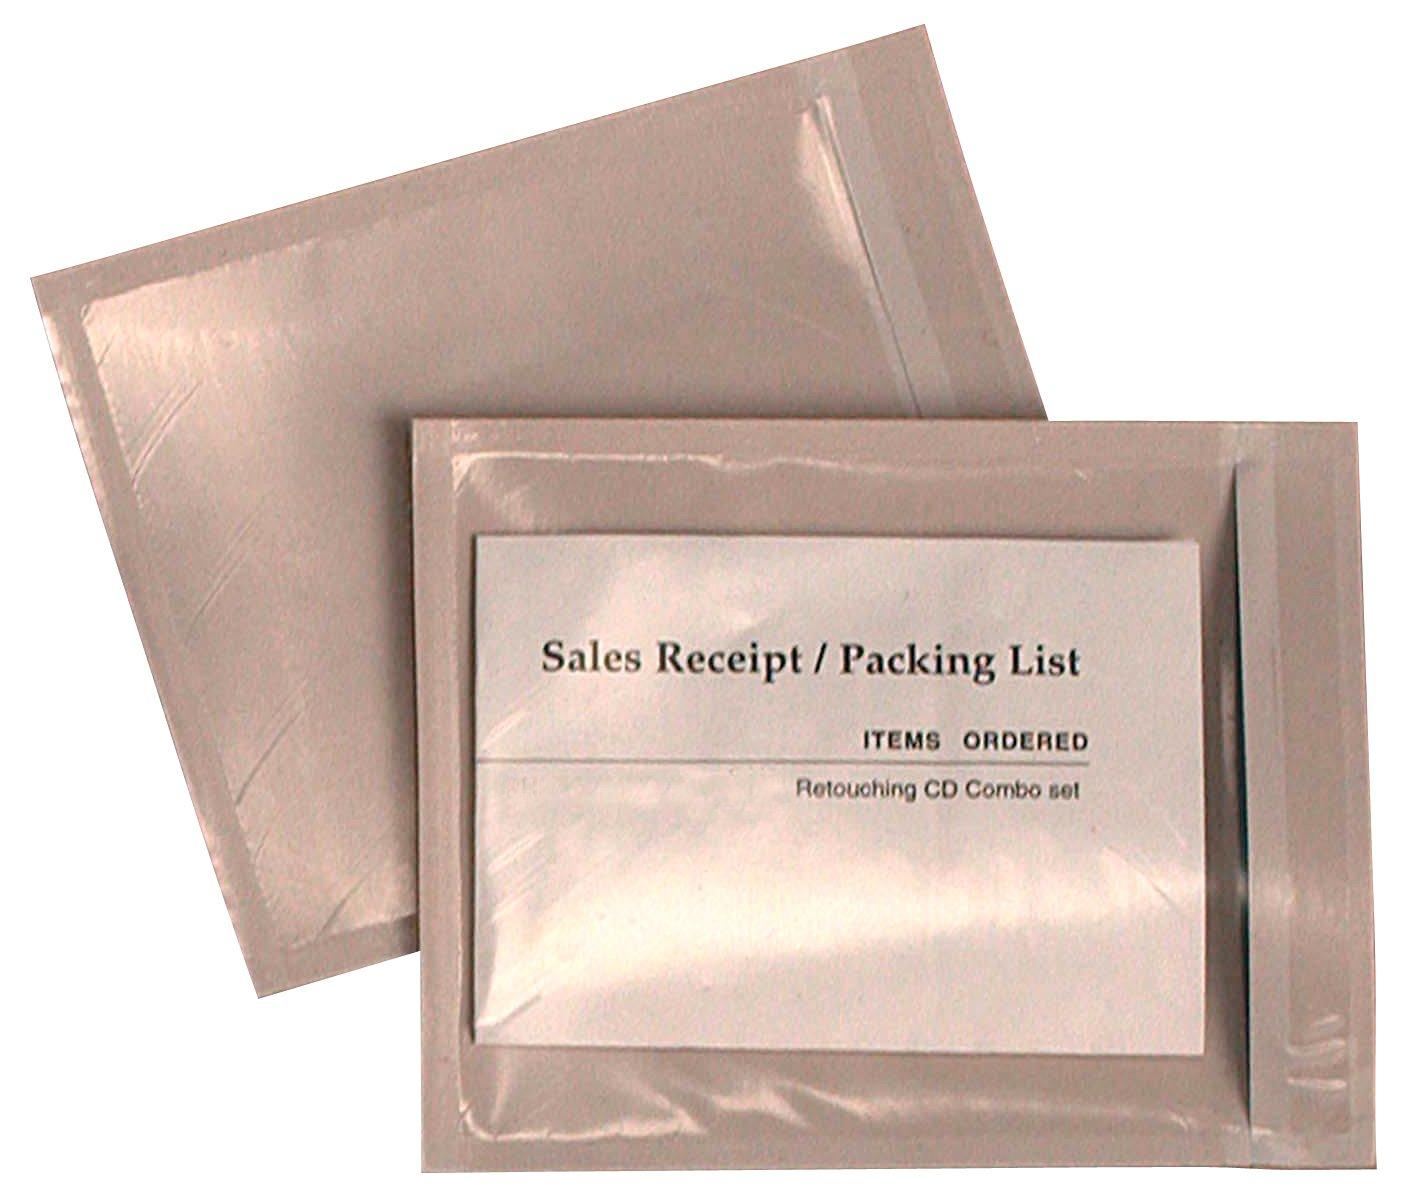 De qualité de parc avant d'emballage Liste enveloppes, 11,4x 14cm, 1000enveloppes, Clear (46890) 4x 14cm 1000enveloppes Quality Park